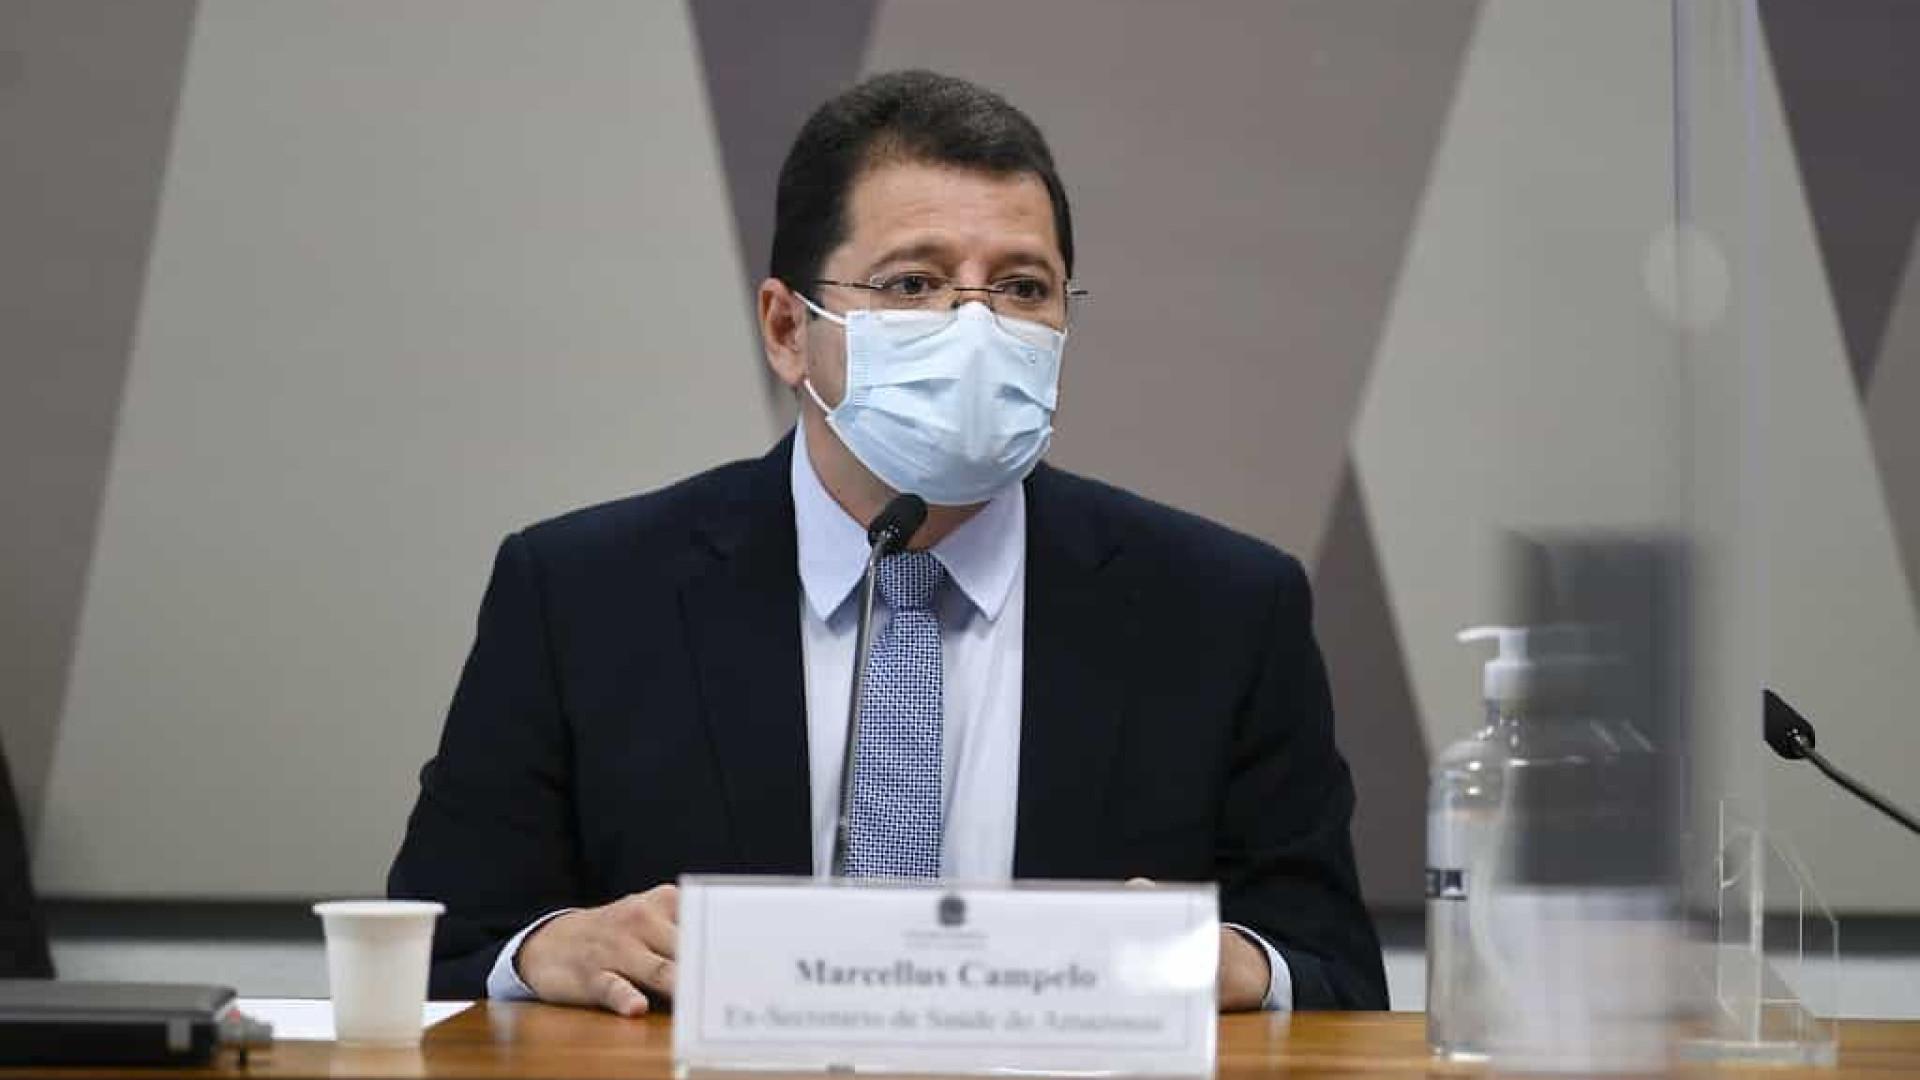 Na CPI, senadores alertam Campêlo que White Martins alertou AM sobre oxigênio